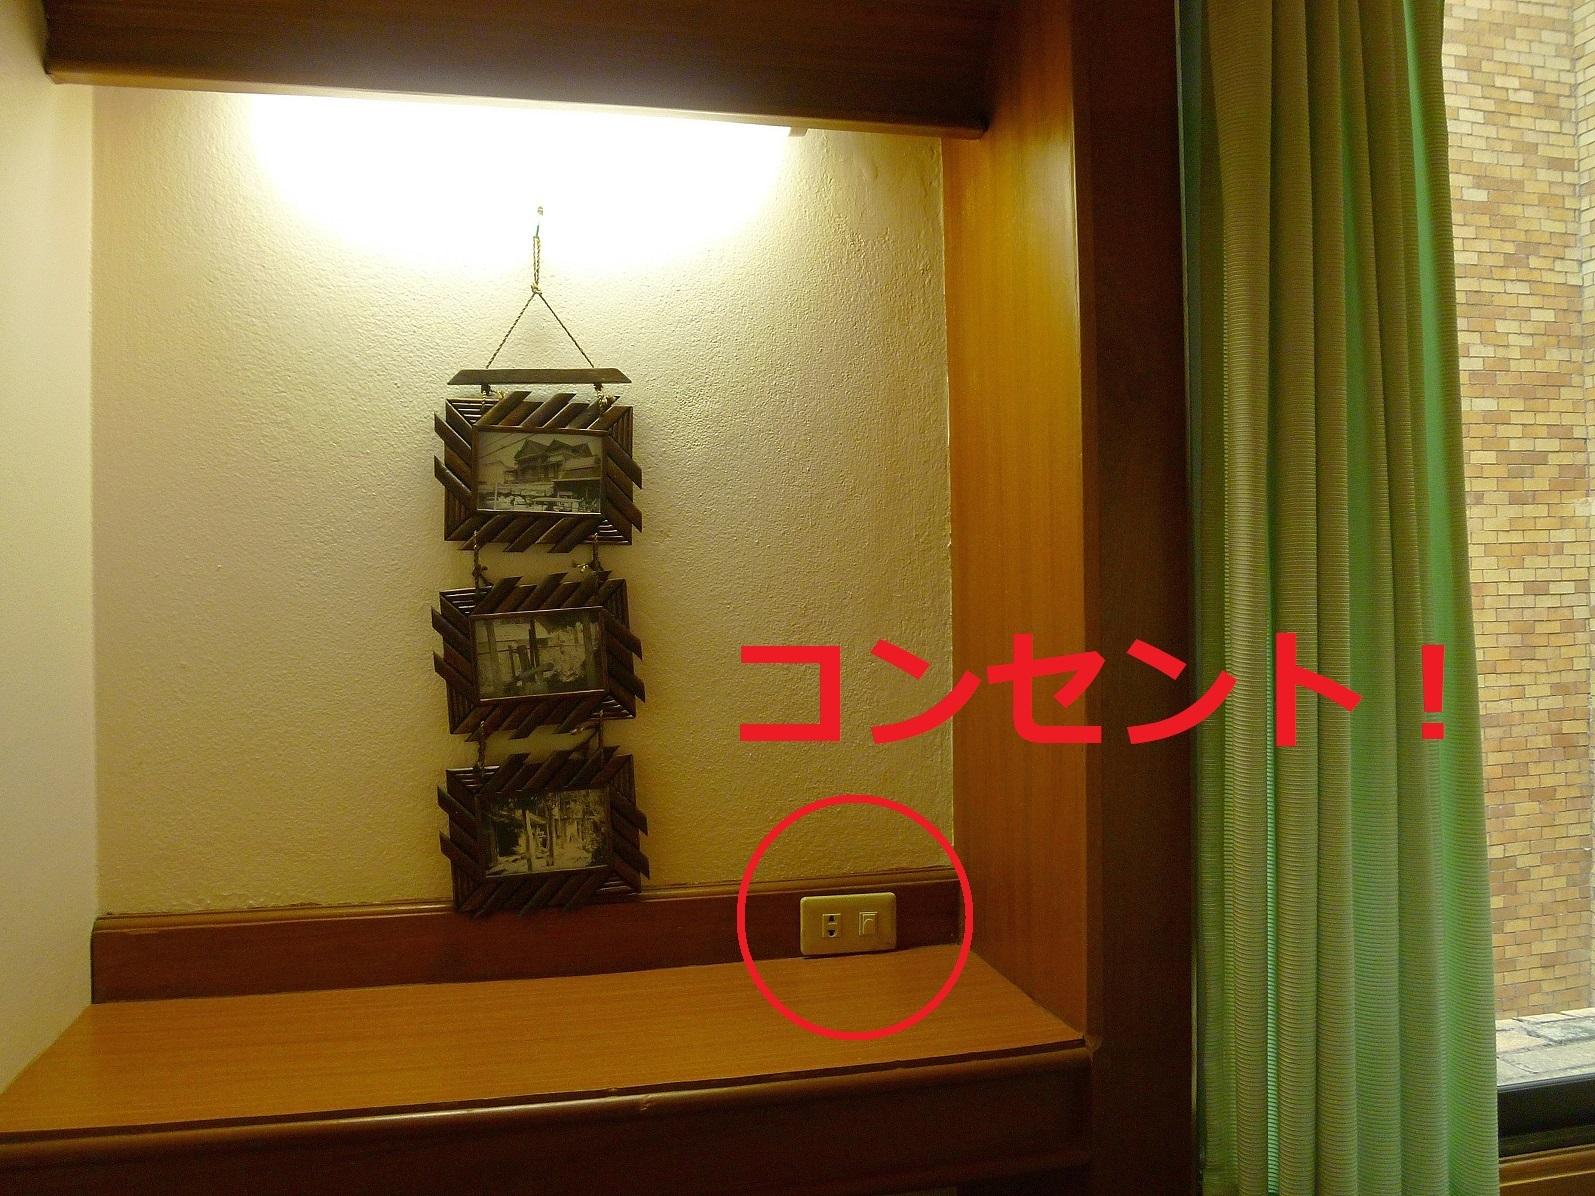 【チェンマイでおすすめ!】人気エリア・ニマンヘミンのノマドホテル5【安い&おしゃれ】